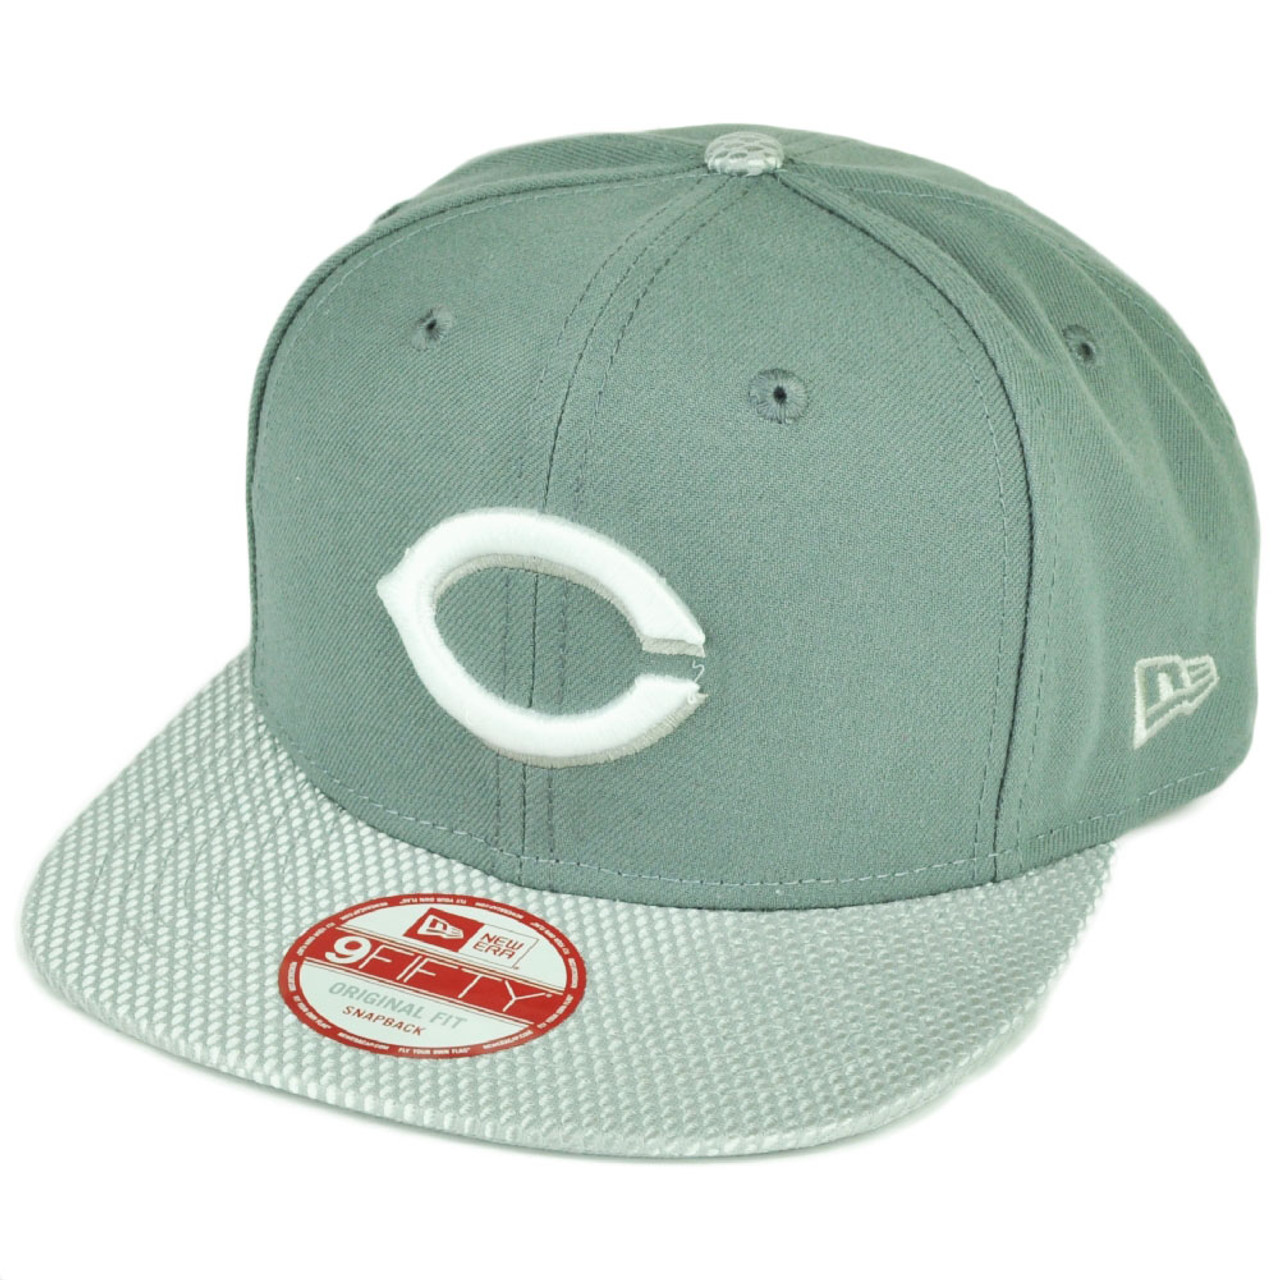 newest df472 66291 MLB New Era 9Fifty Flash Vize Cincinnati Reds Snapback Hat Cap Flat Bill  Gray - Cap Store Online.com